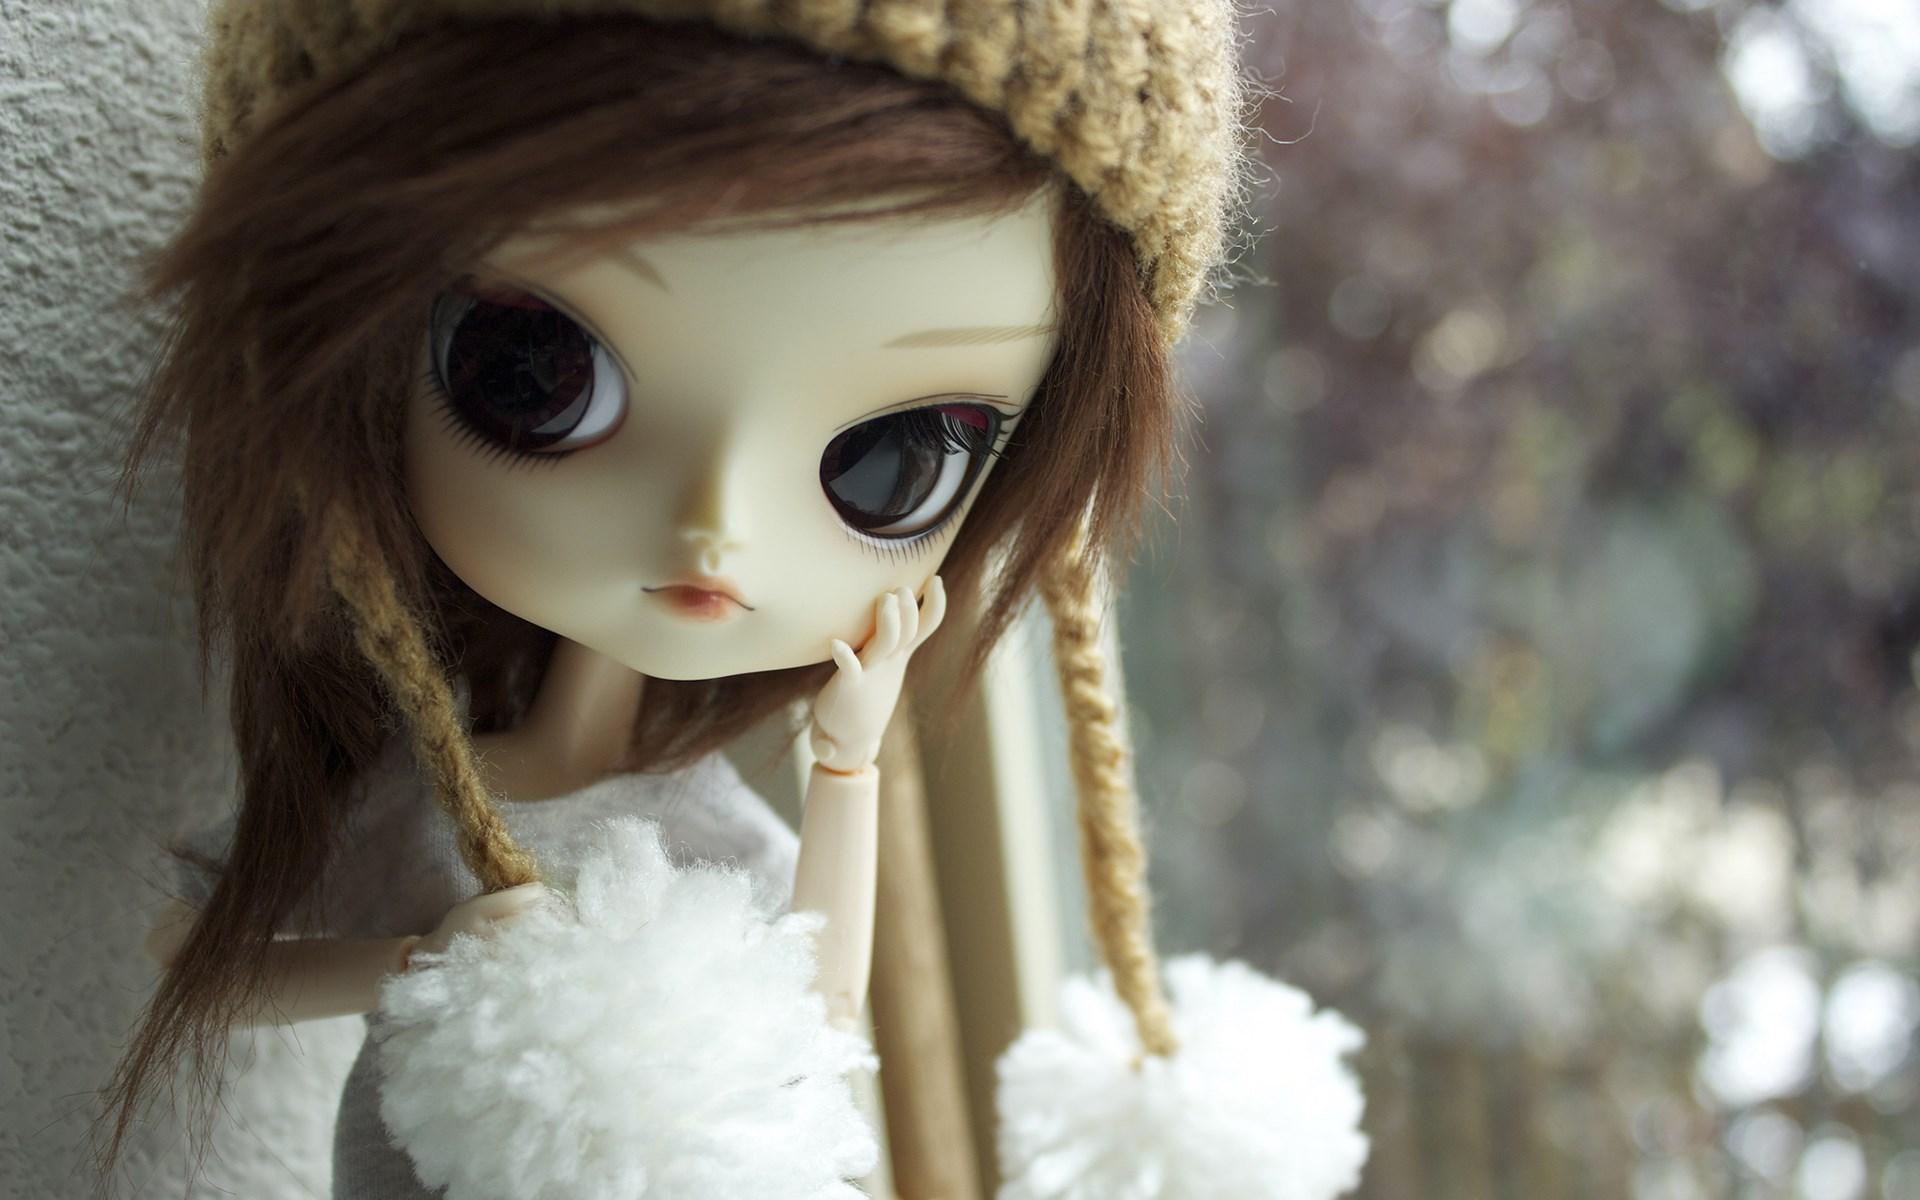 Wallpapers Download Cute Barbie Doll Doll Wallpapers Hd Pixelstalk Net